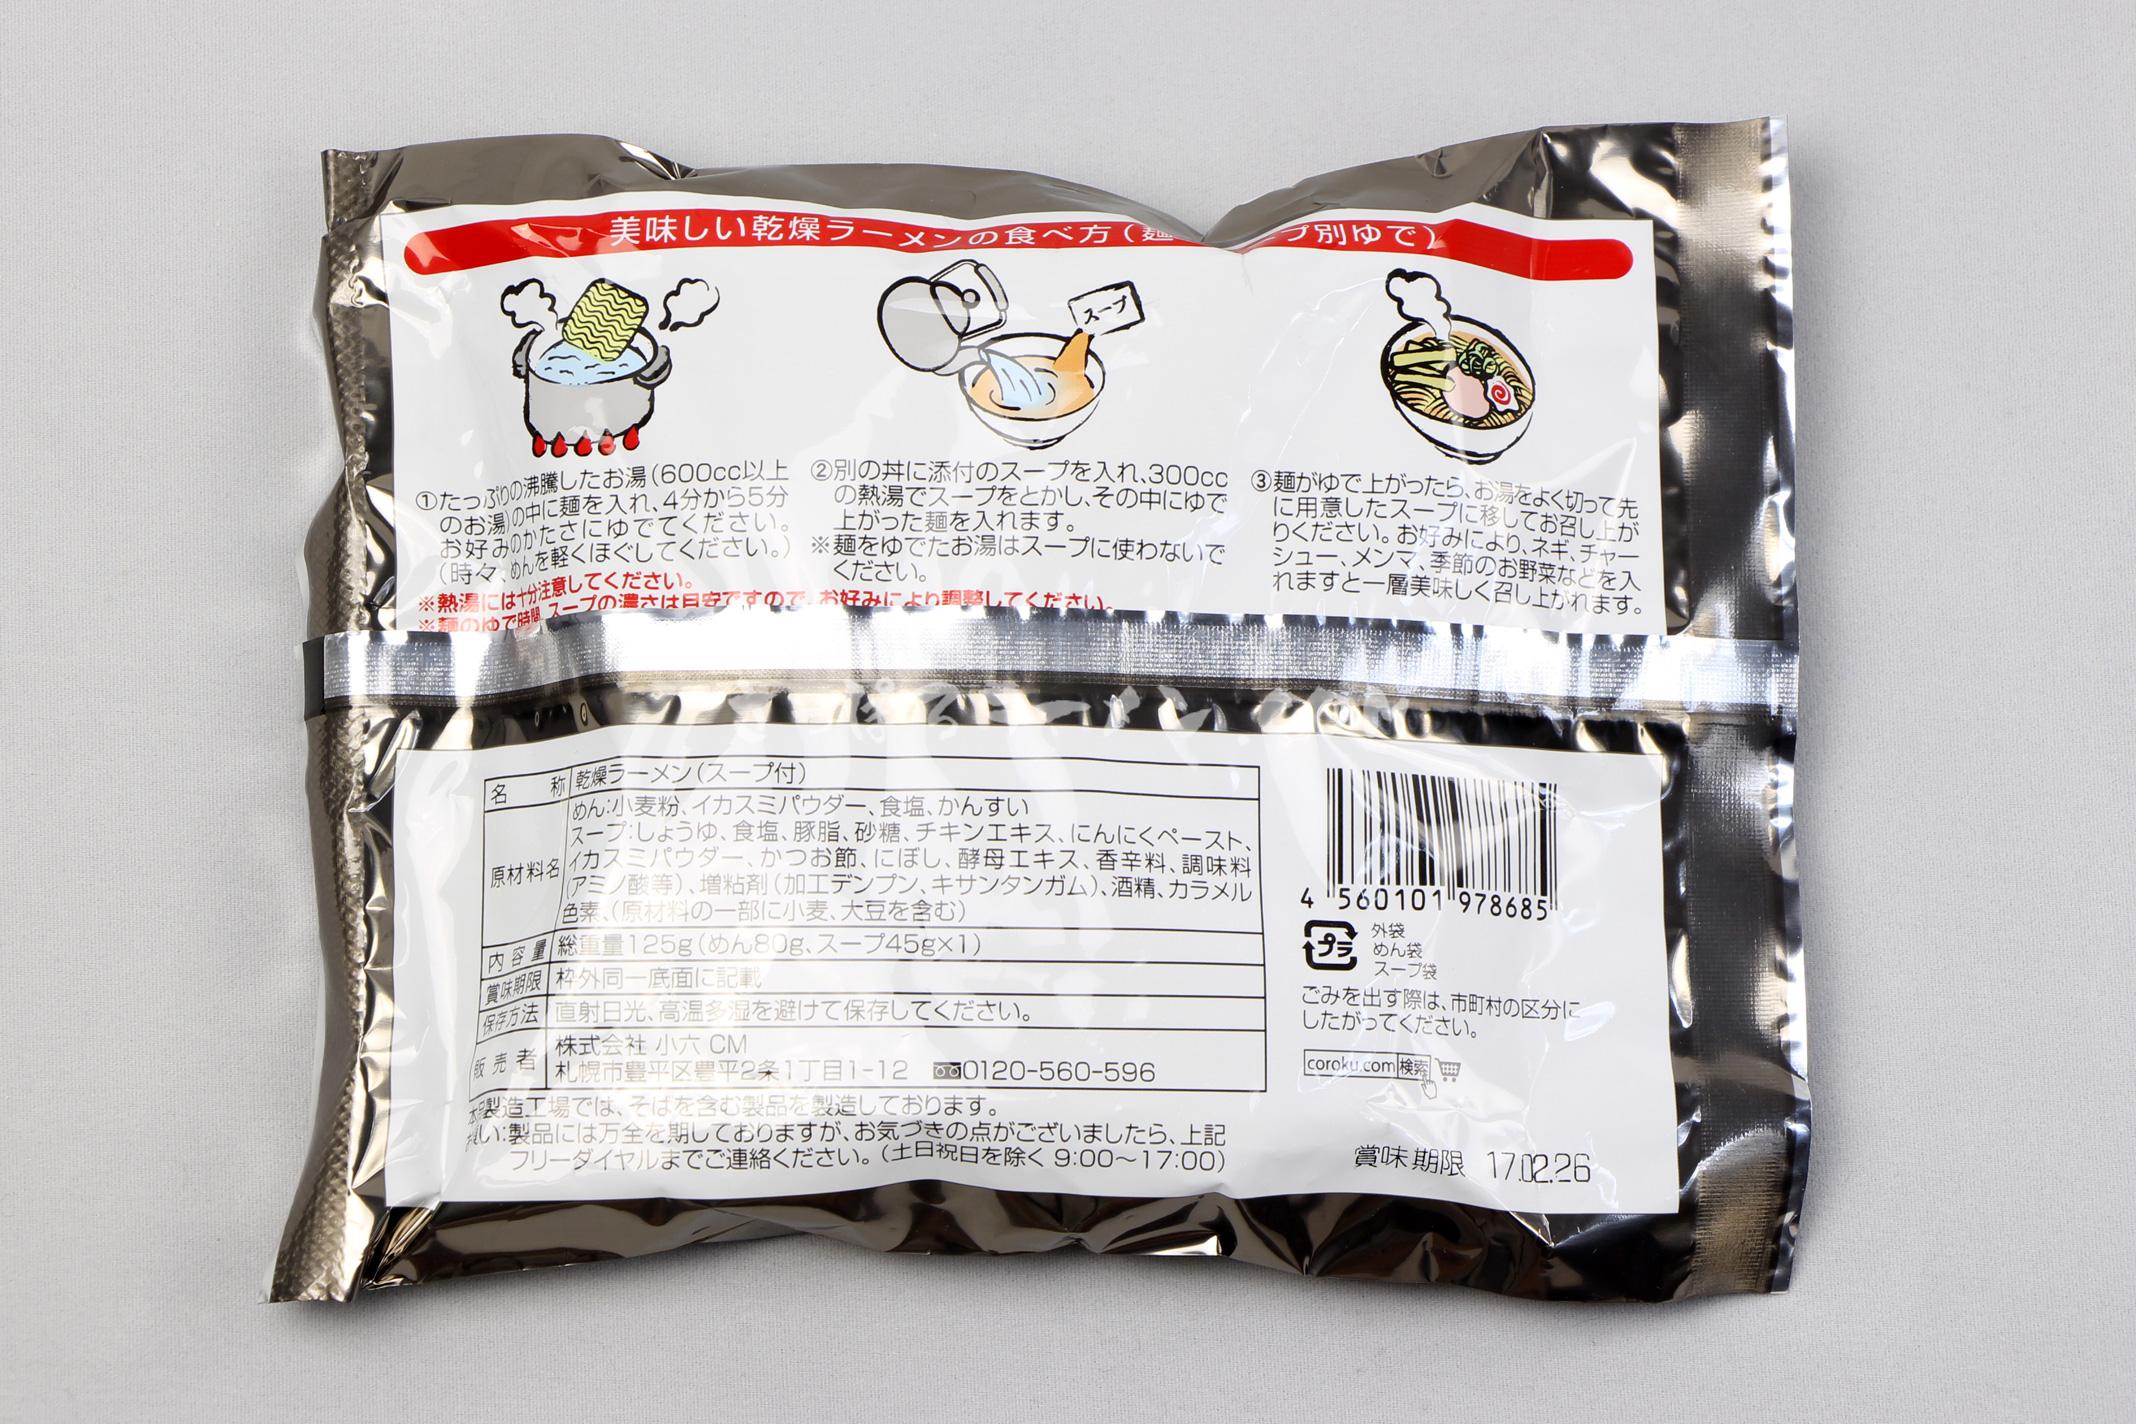 「いかすみラーメン いかすみ入り醤油味スープ付 1人前」(小六)のパッケージ(裏)